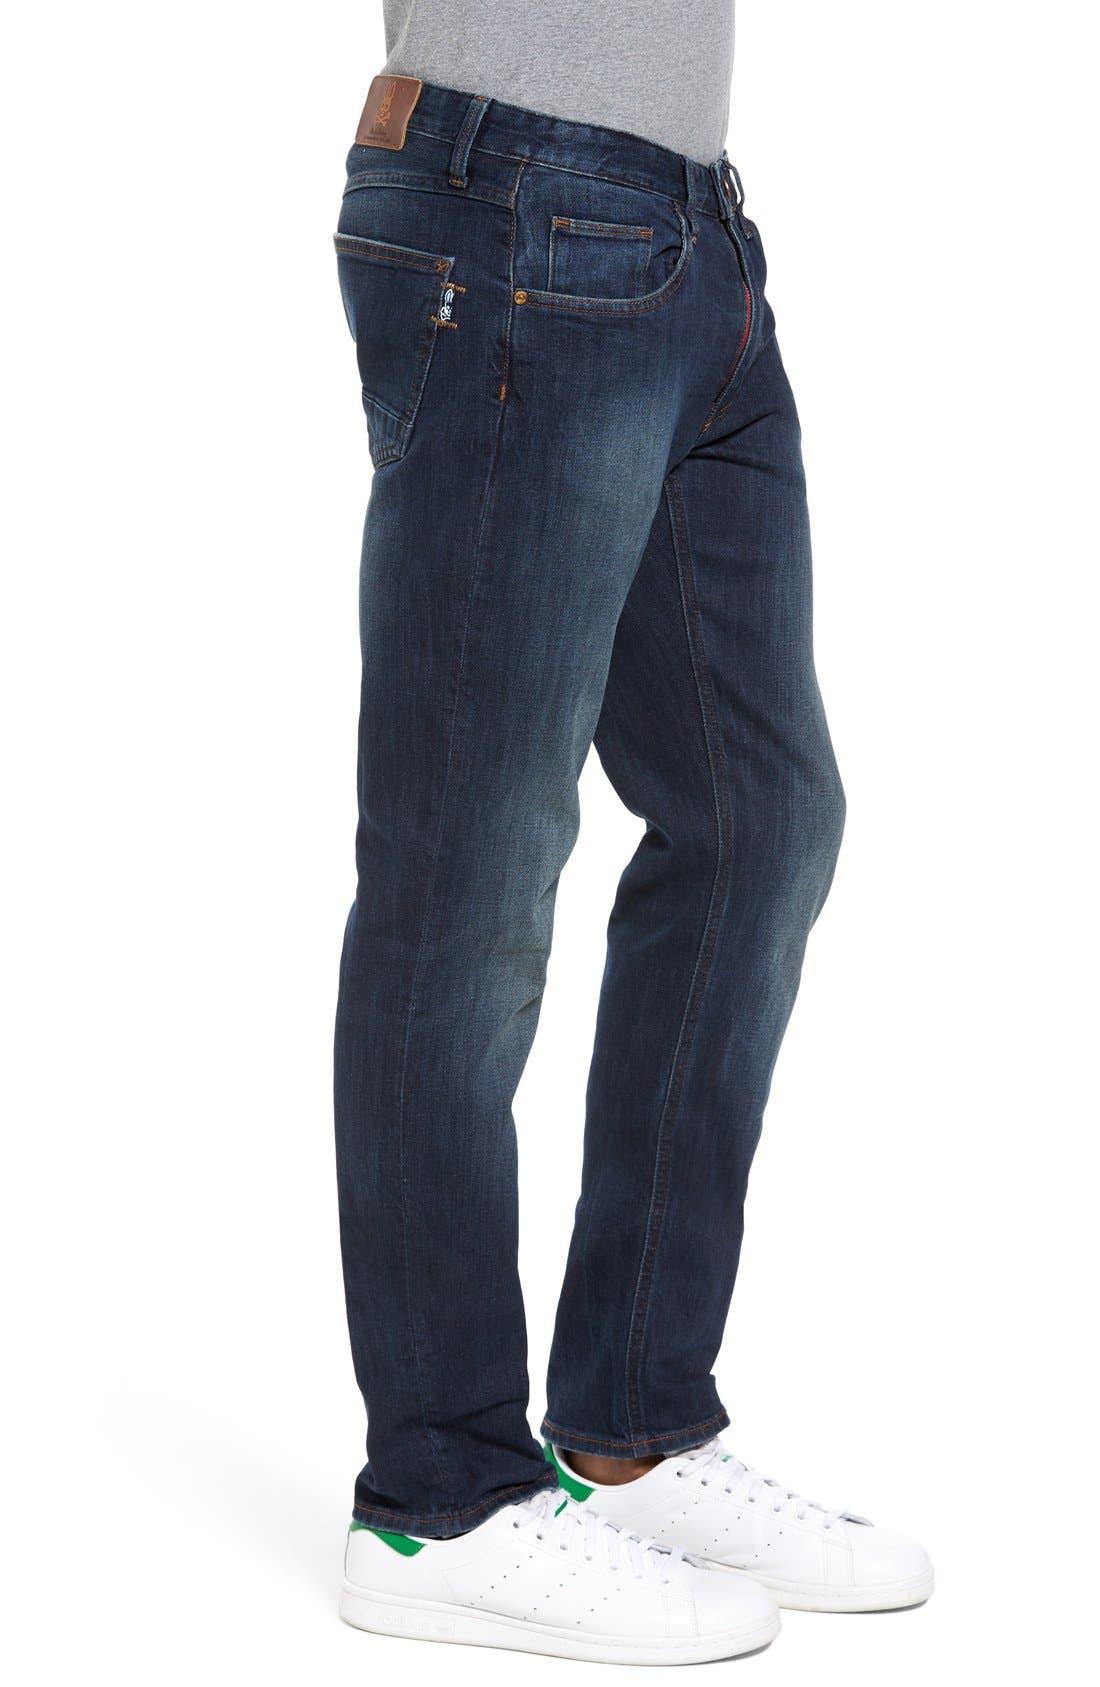 Alternate Image 3  - Psycho Bunny Spitfire Slim Fit Jeans